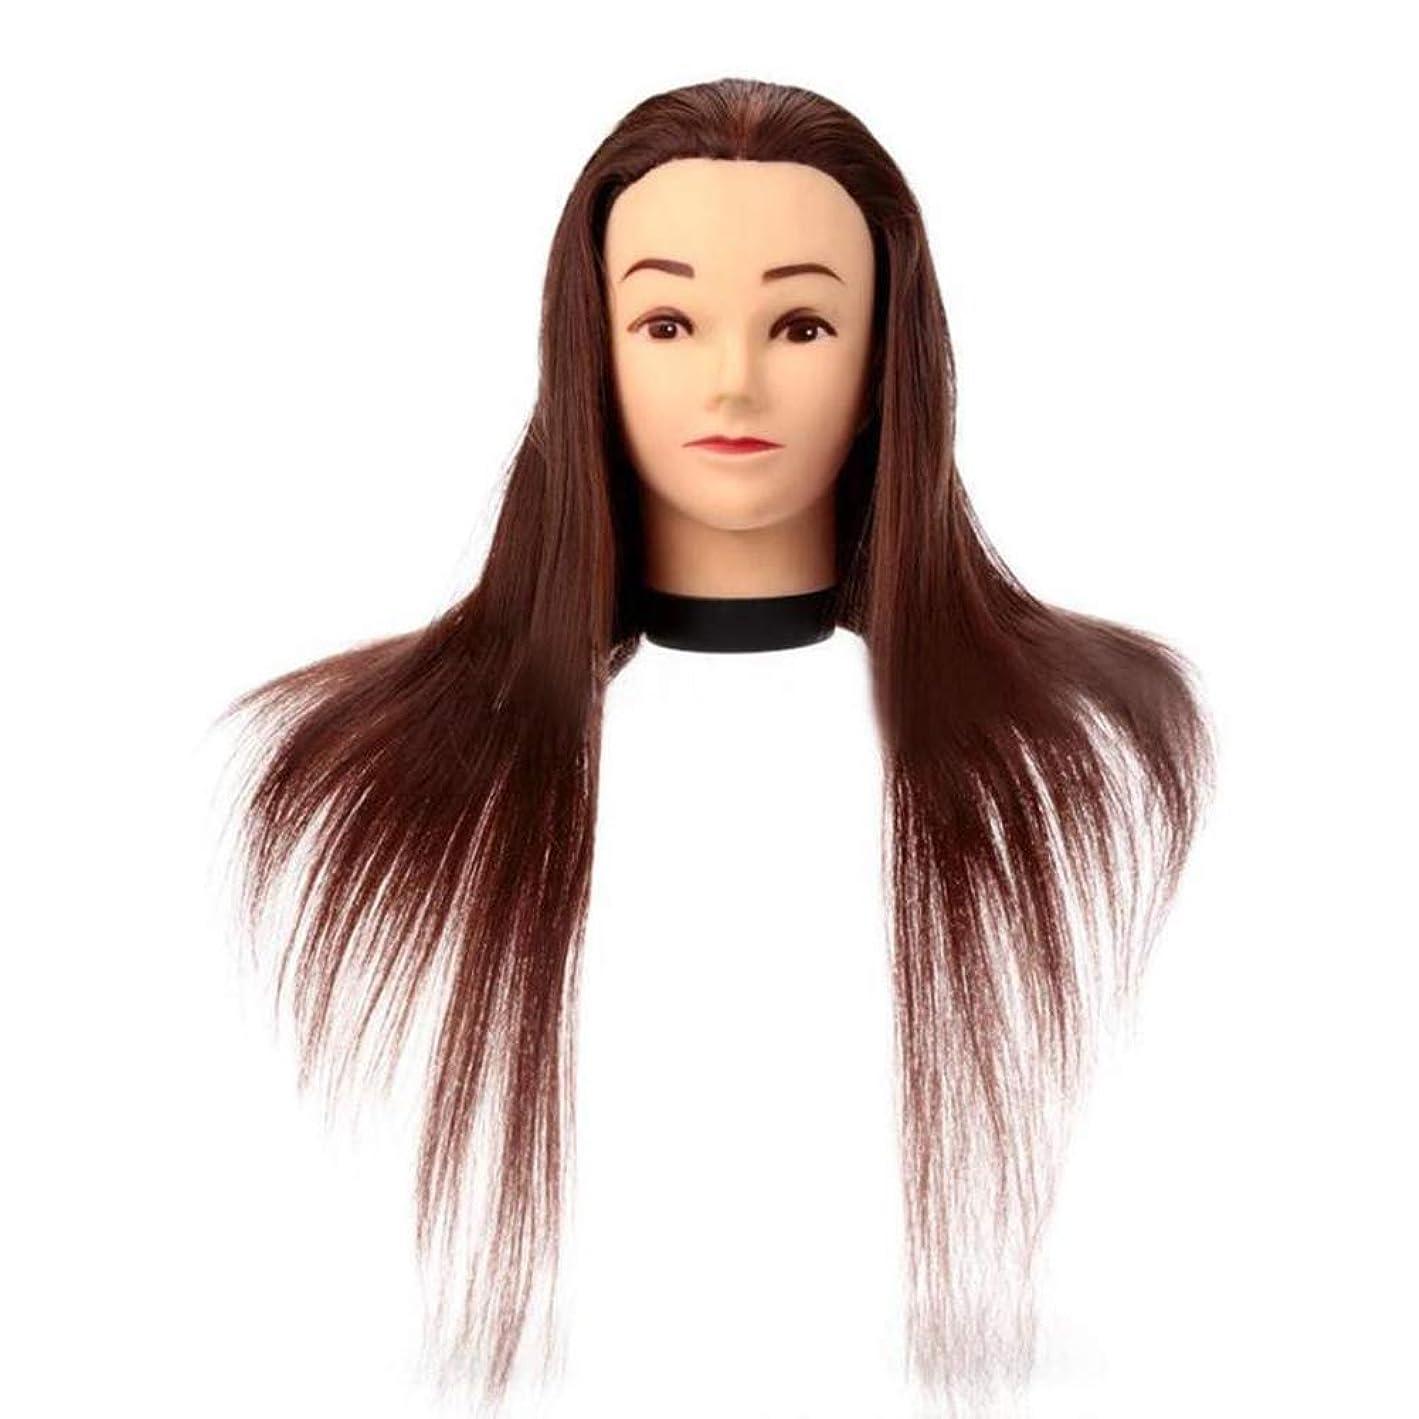 スポーツ殺人者テレックスサロン散髪練習ヘッドモデルメイク学校編組髪開発学習モデルヘッドヘアストレートロングかつら